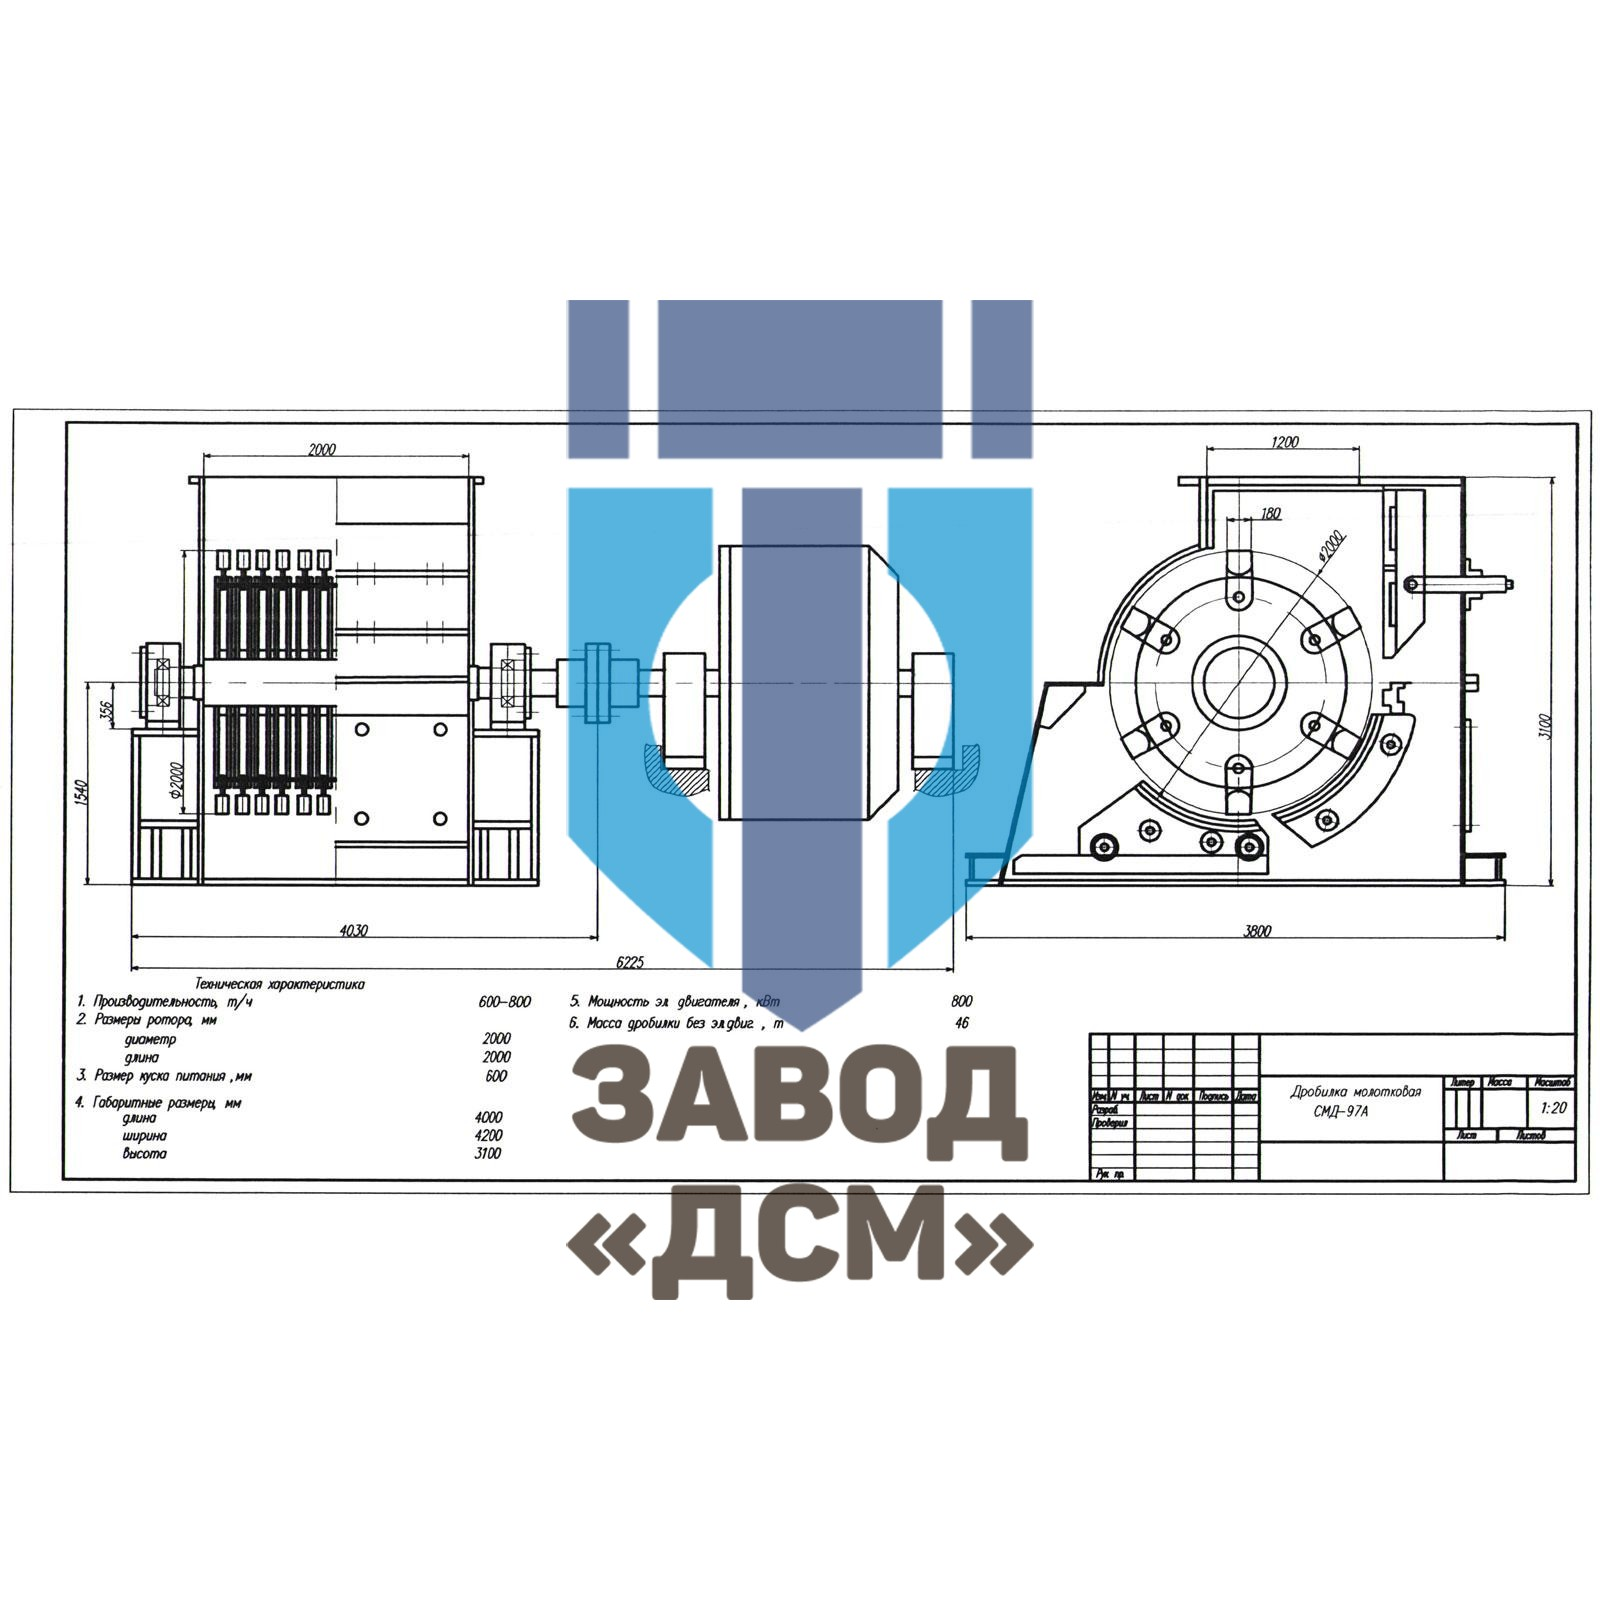 Дробилка cvl-97 дробильно сортировочное оборудование в Воронеж